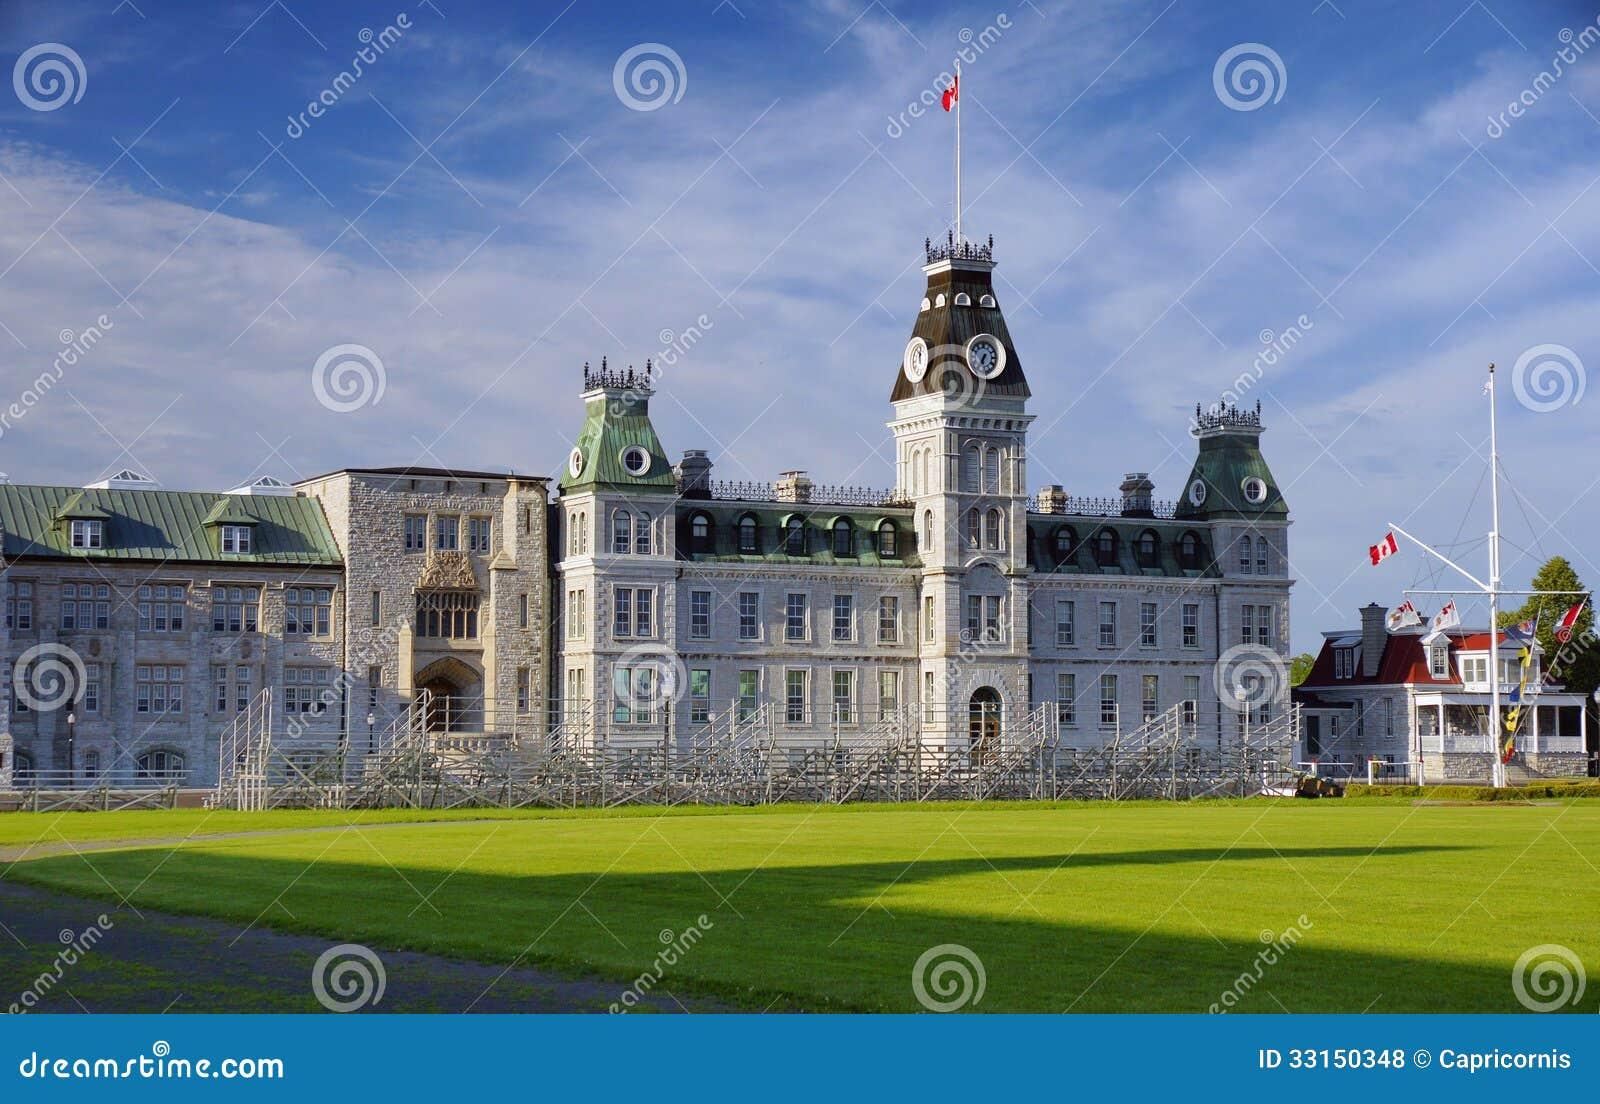 Université militaire canadienne royale Kingston Ontario Public Educatio